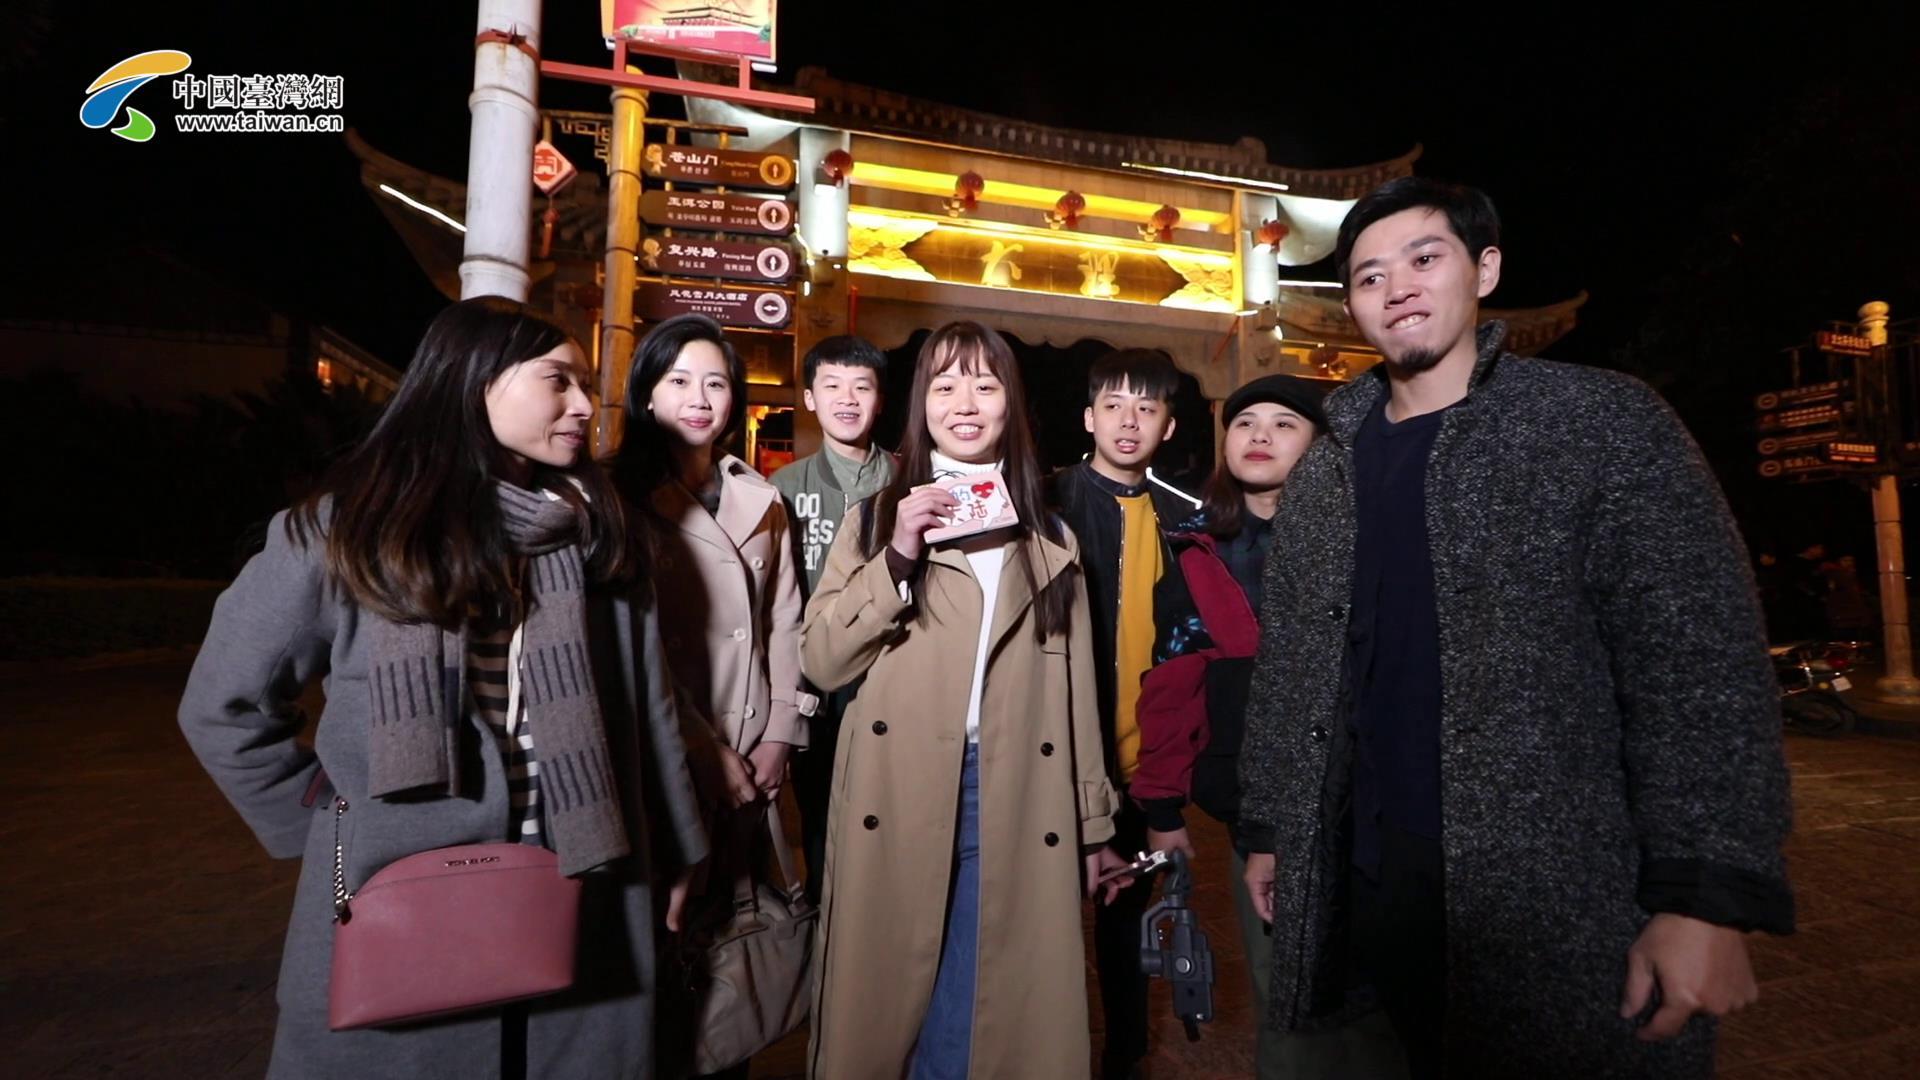 【雲南篇】臺灣姑娘被大理所感動 沉醉於古城的溫柔鄉圖片